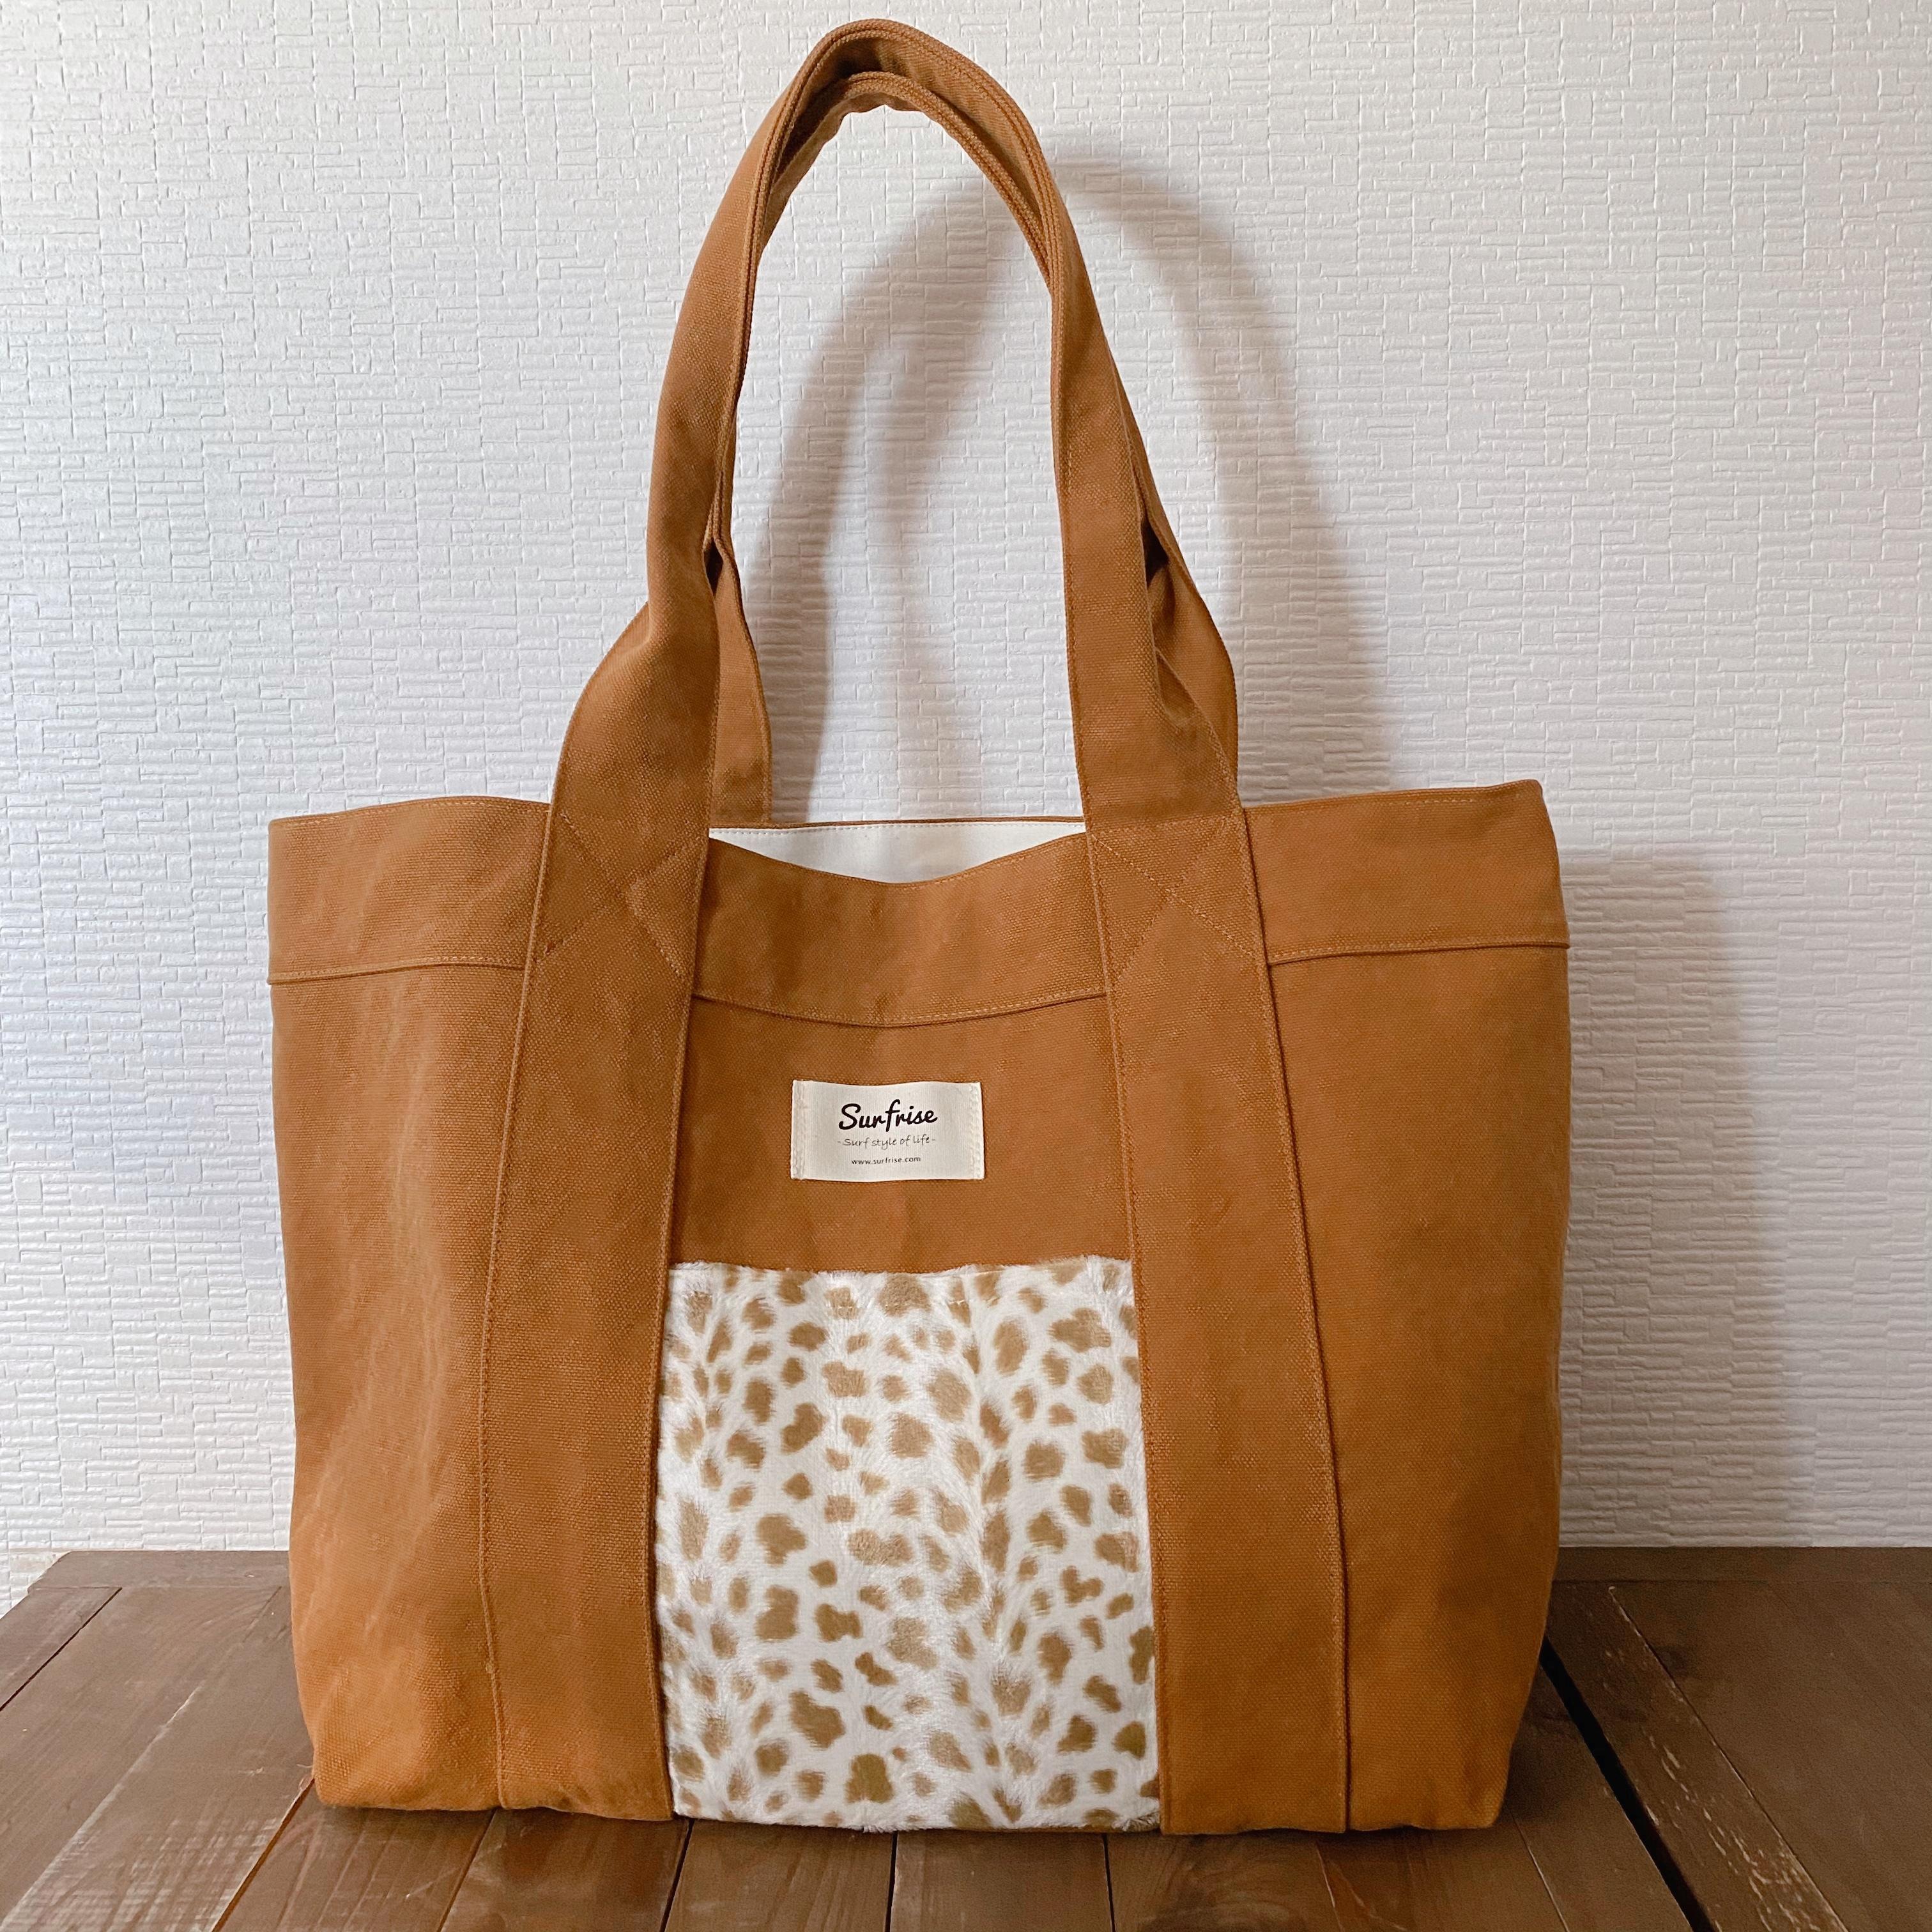 Tote bag L - Camel / Cheetah